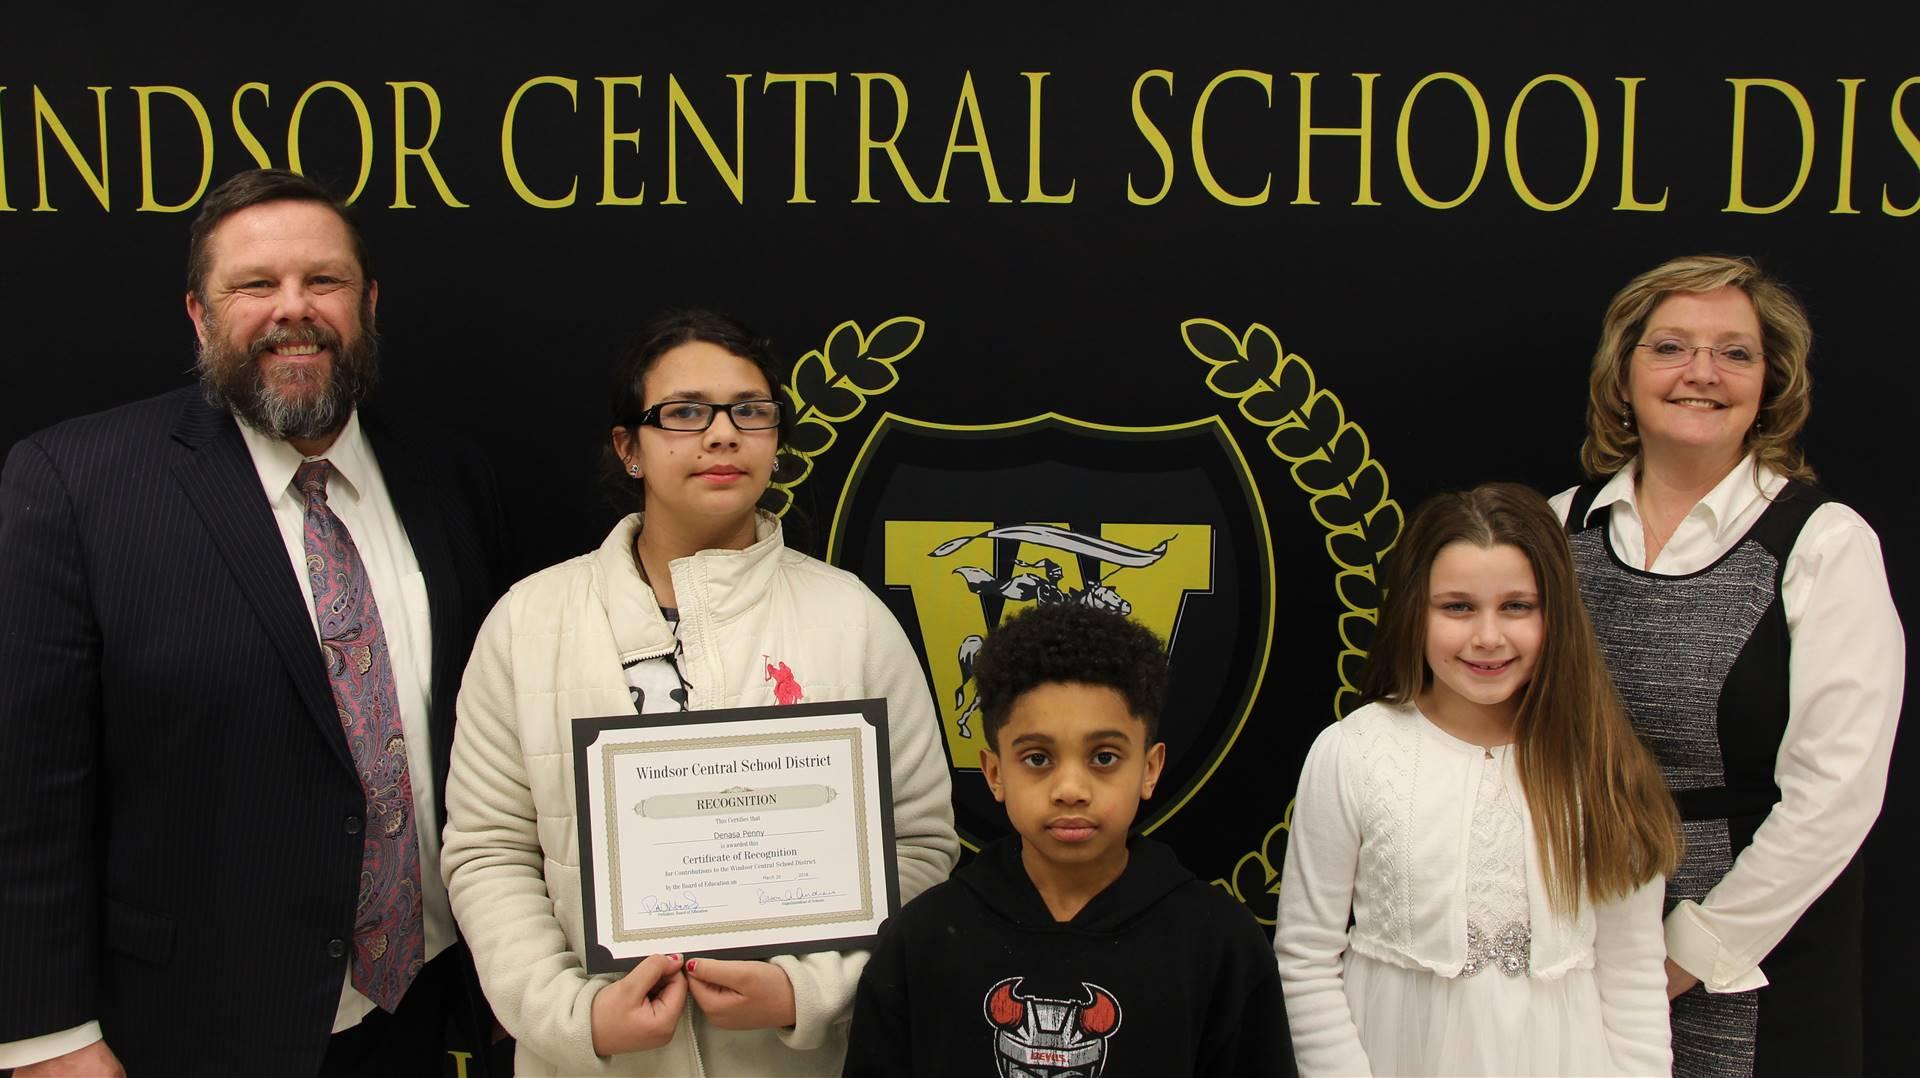 Joaquin Carlo, Denasa Penny and Cali Rooke - 5th Grade Students at    A. F. Palmer